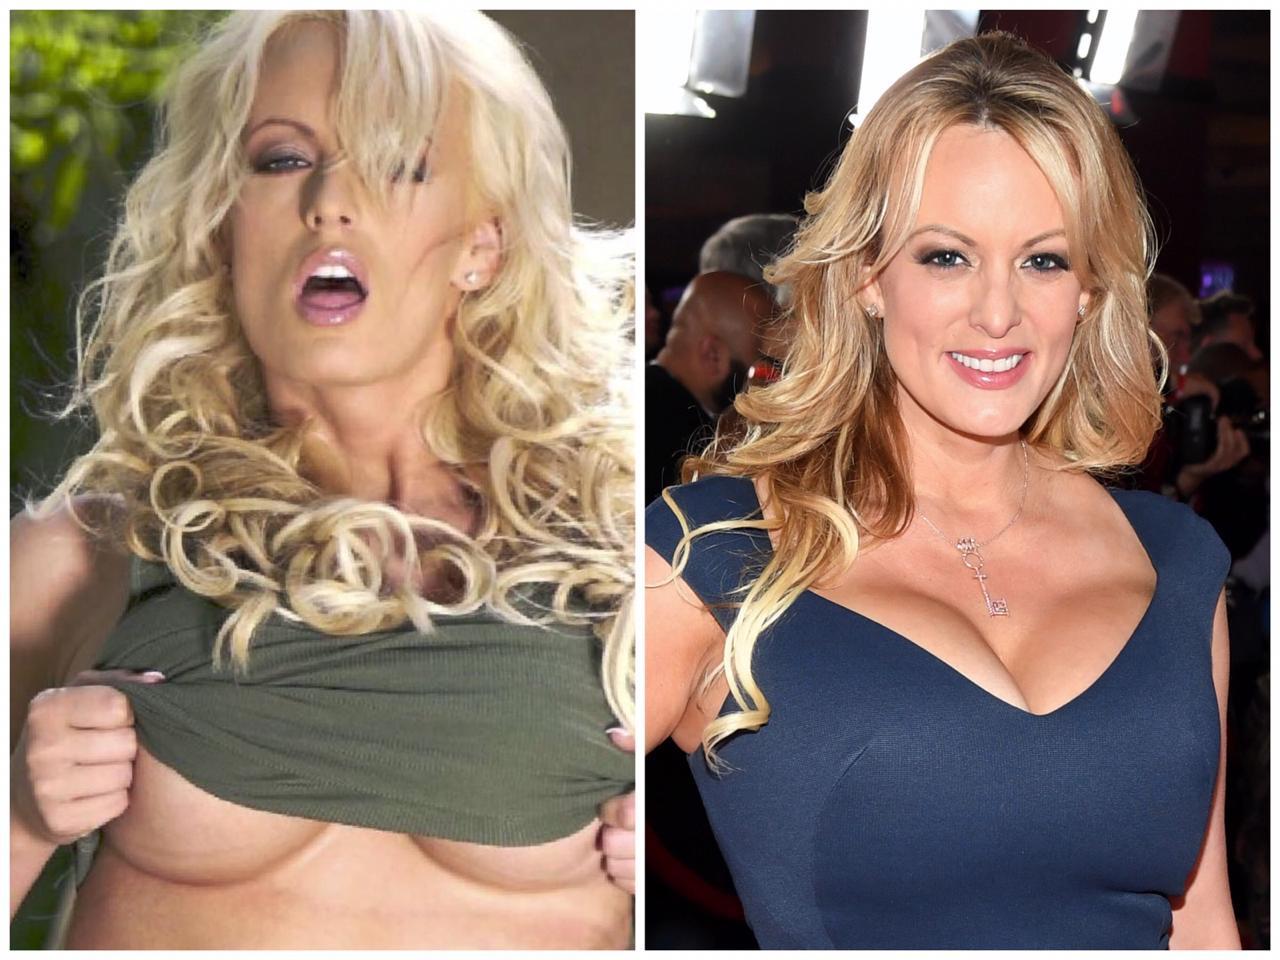 Actrkz Porno Que Llego A Ser Politica conoce los famosos que pasaron de la industria pornográfica